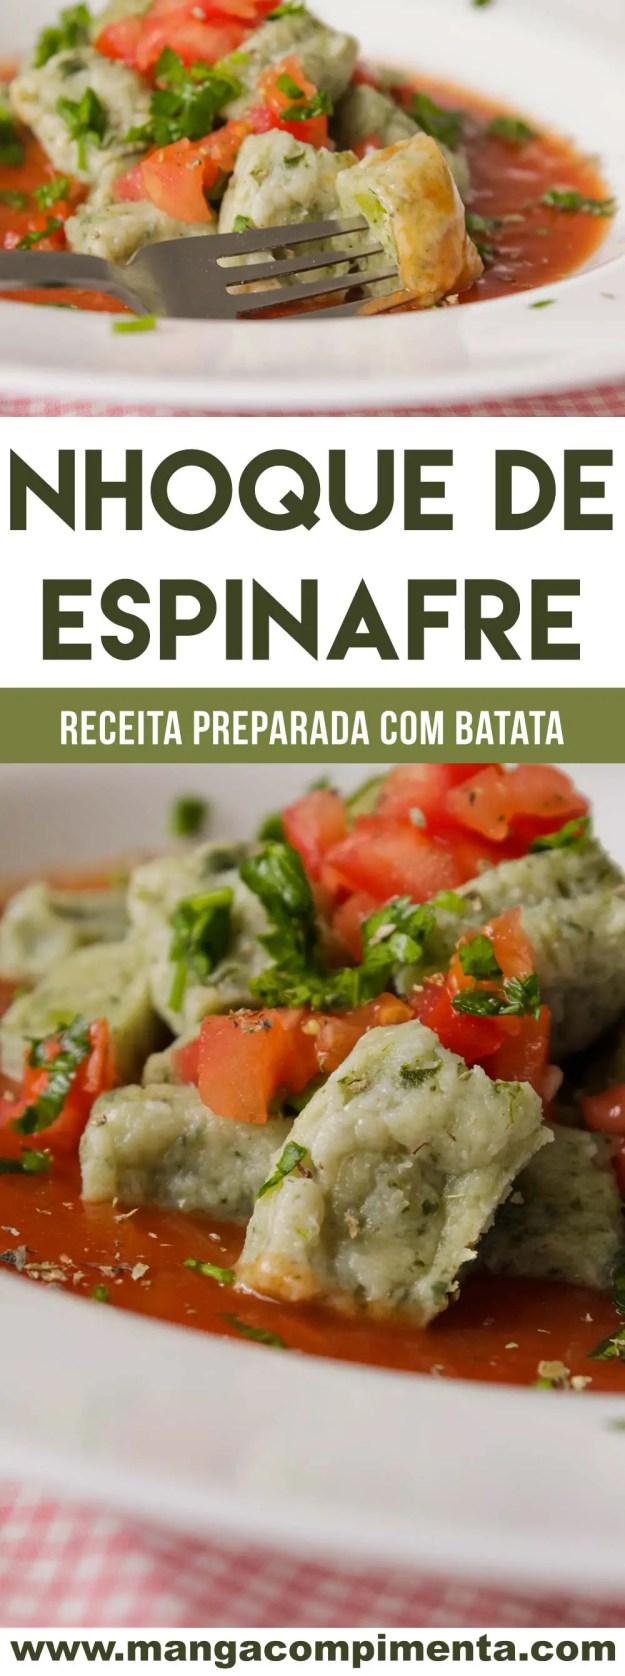 Nhoque de Espinafre com Batata - para um almoço caseiro e delicioso no final de semana!